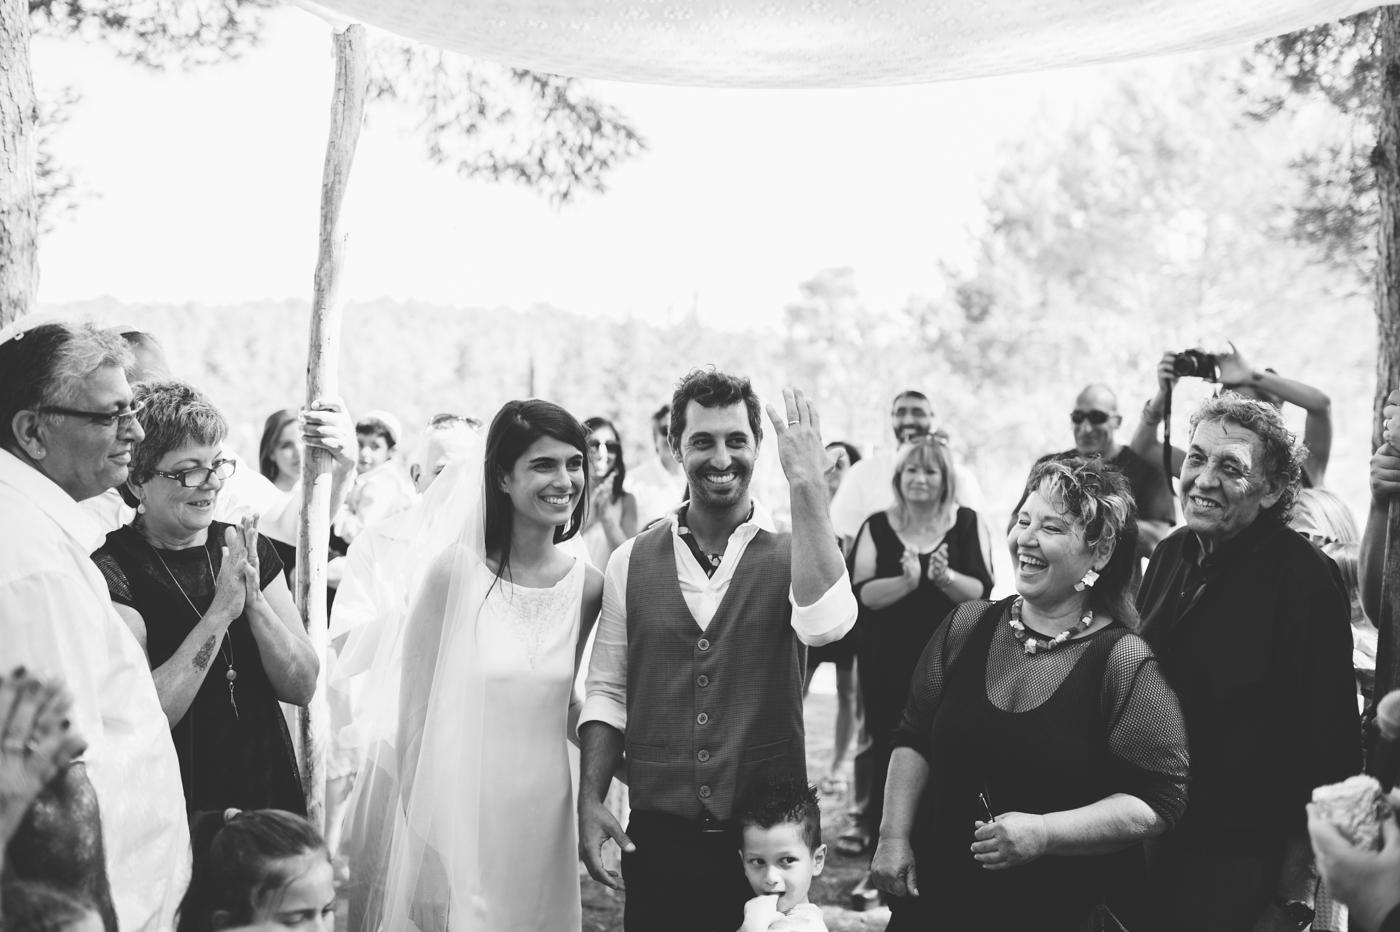 groom puts on wedding band